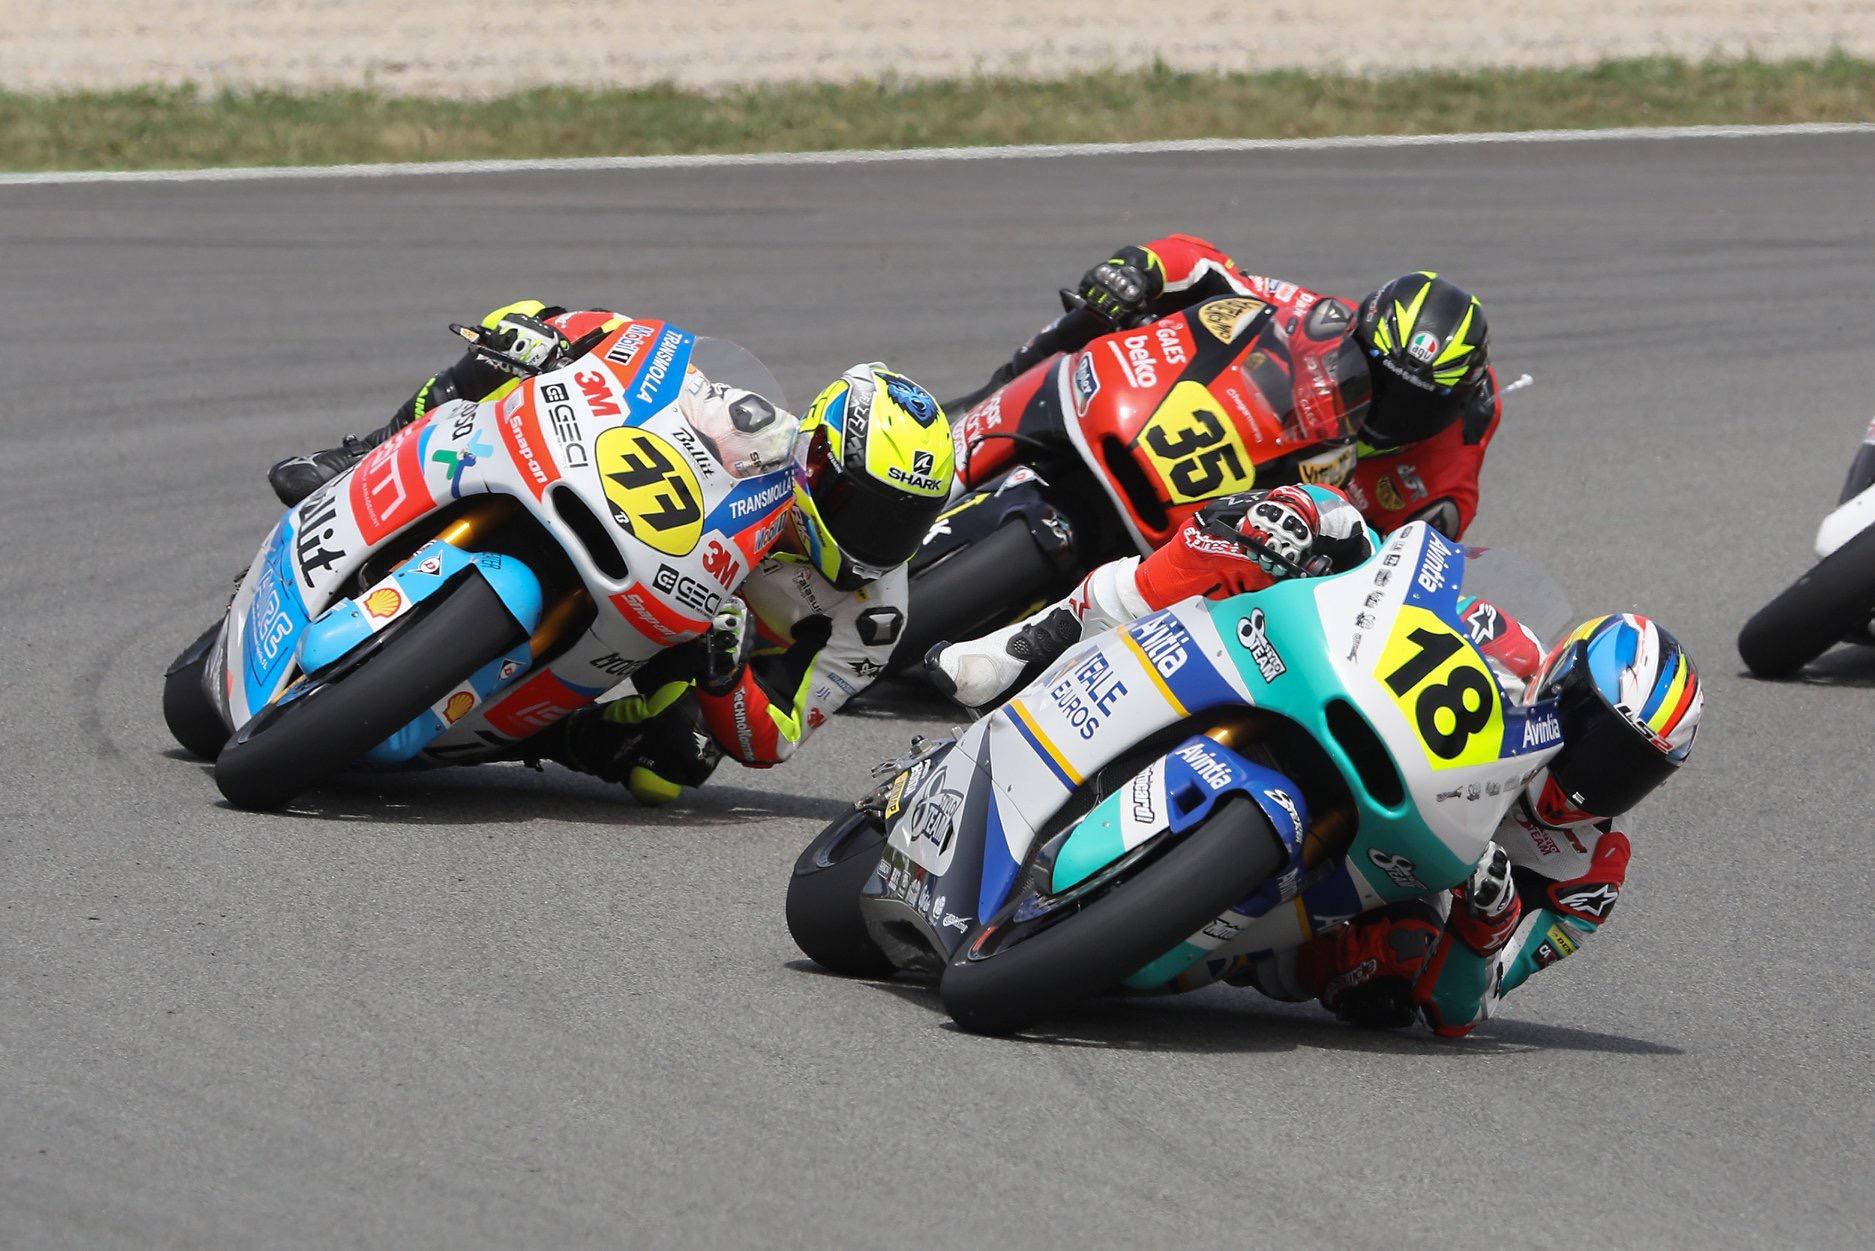 Xavi Cardelús va aconseguir aquest passat cap de semana del 9 i 10 de juny, la sisena i la setena posició en les dues carreres de la tercera prova del Campionat Europeu de Moto2 que està duent a terme i que enguany va celebrar-se en el Circuit de Barcelona-Catalunya.